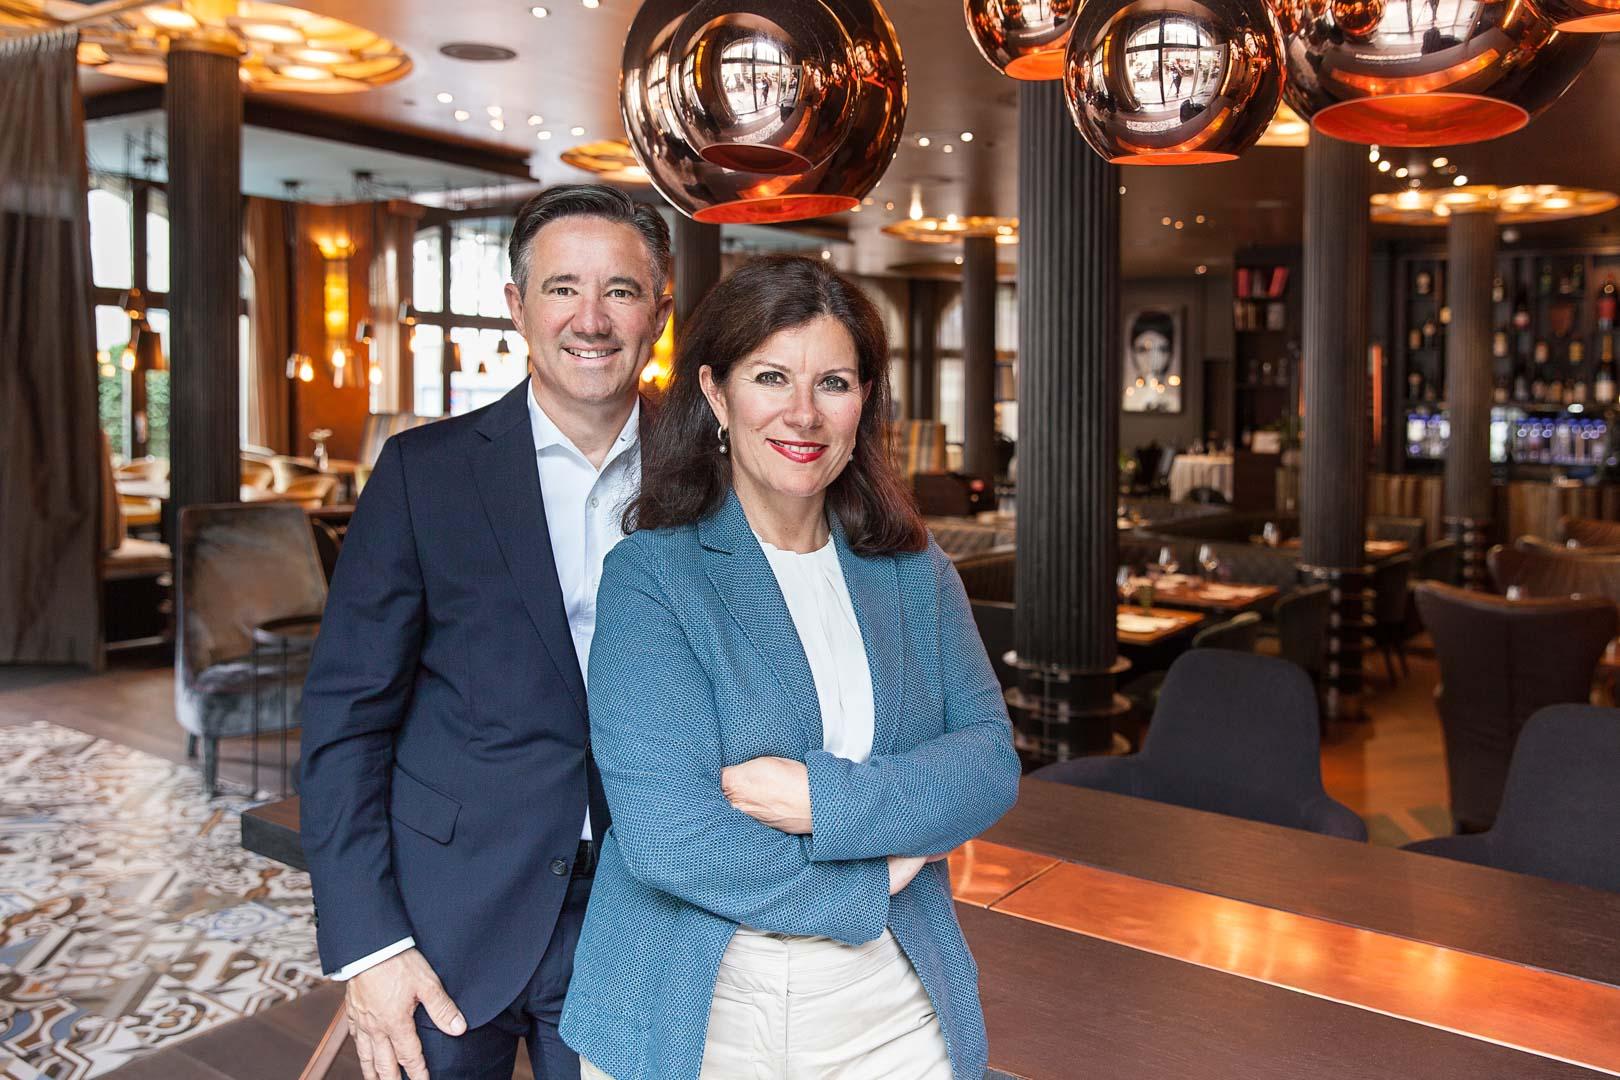 Daniela & Markus Segmüller